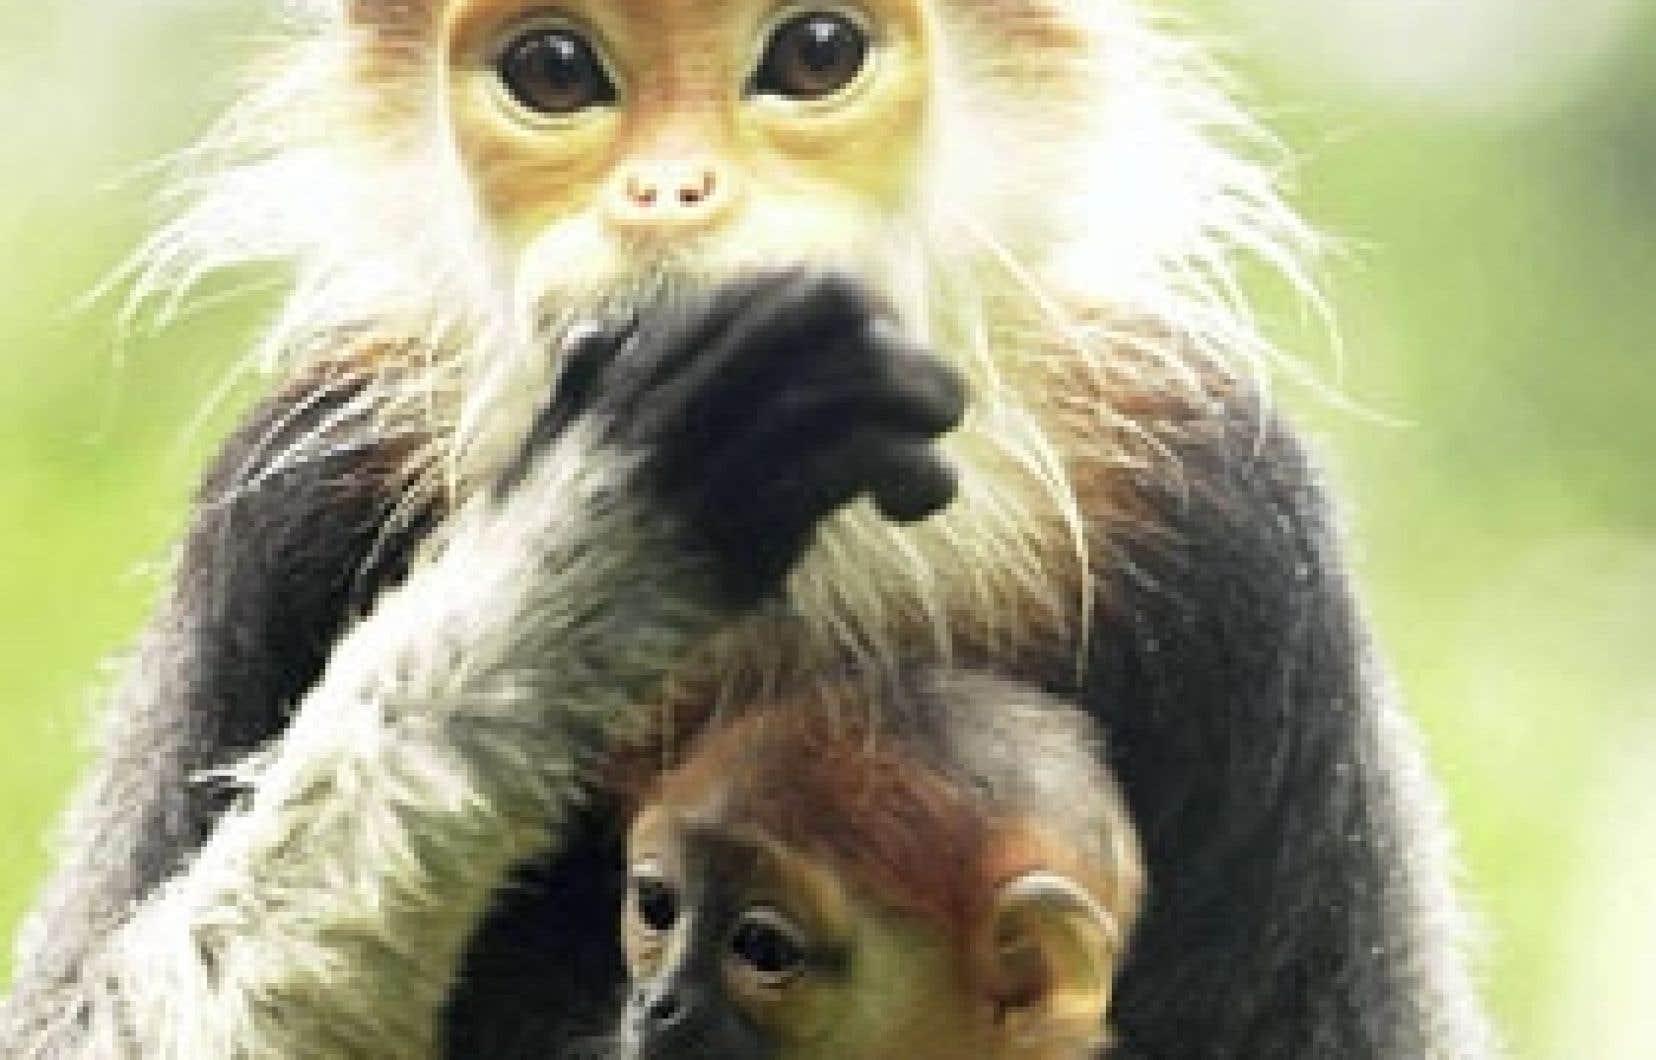 Les populations de primates asiatiques, comme cette femelle langur et son petit, ont baissé à cause de la chasse, destinée à répondre aux besoins d'alimentation, mais aussi à la demande commerciale pour la médecine traditionnelle chinoise et les